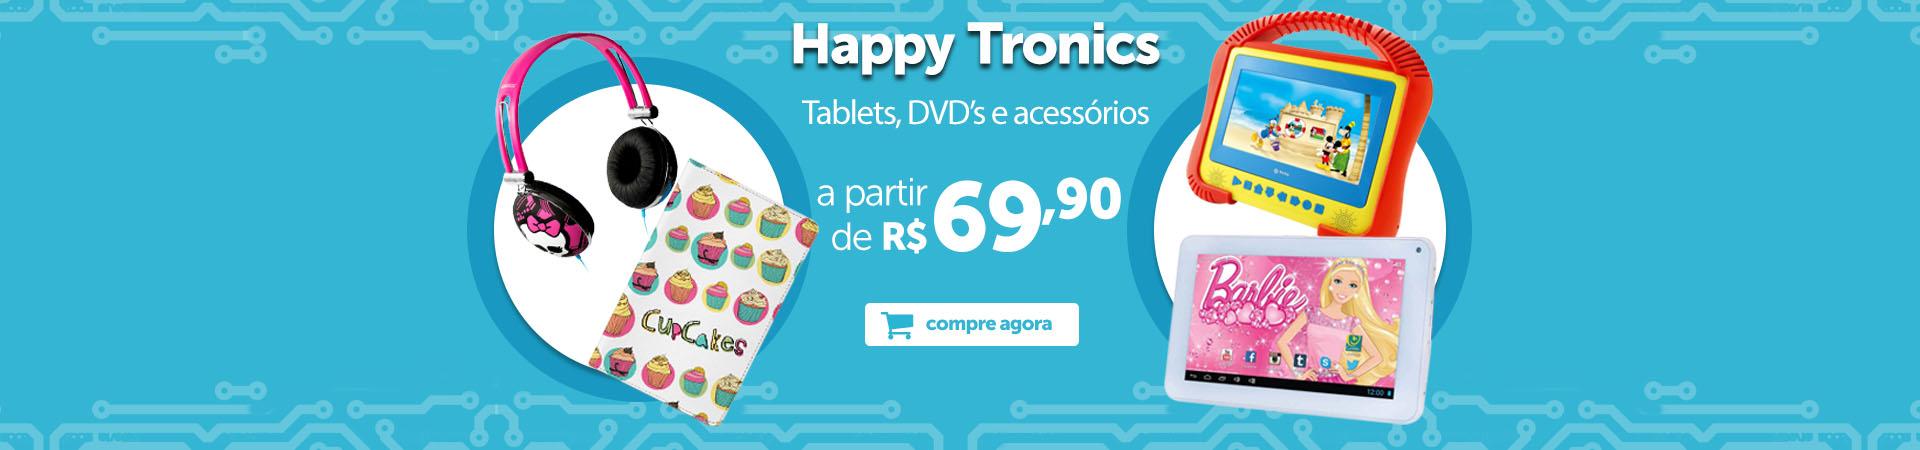 Happy Tronics